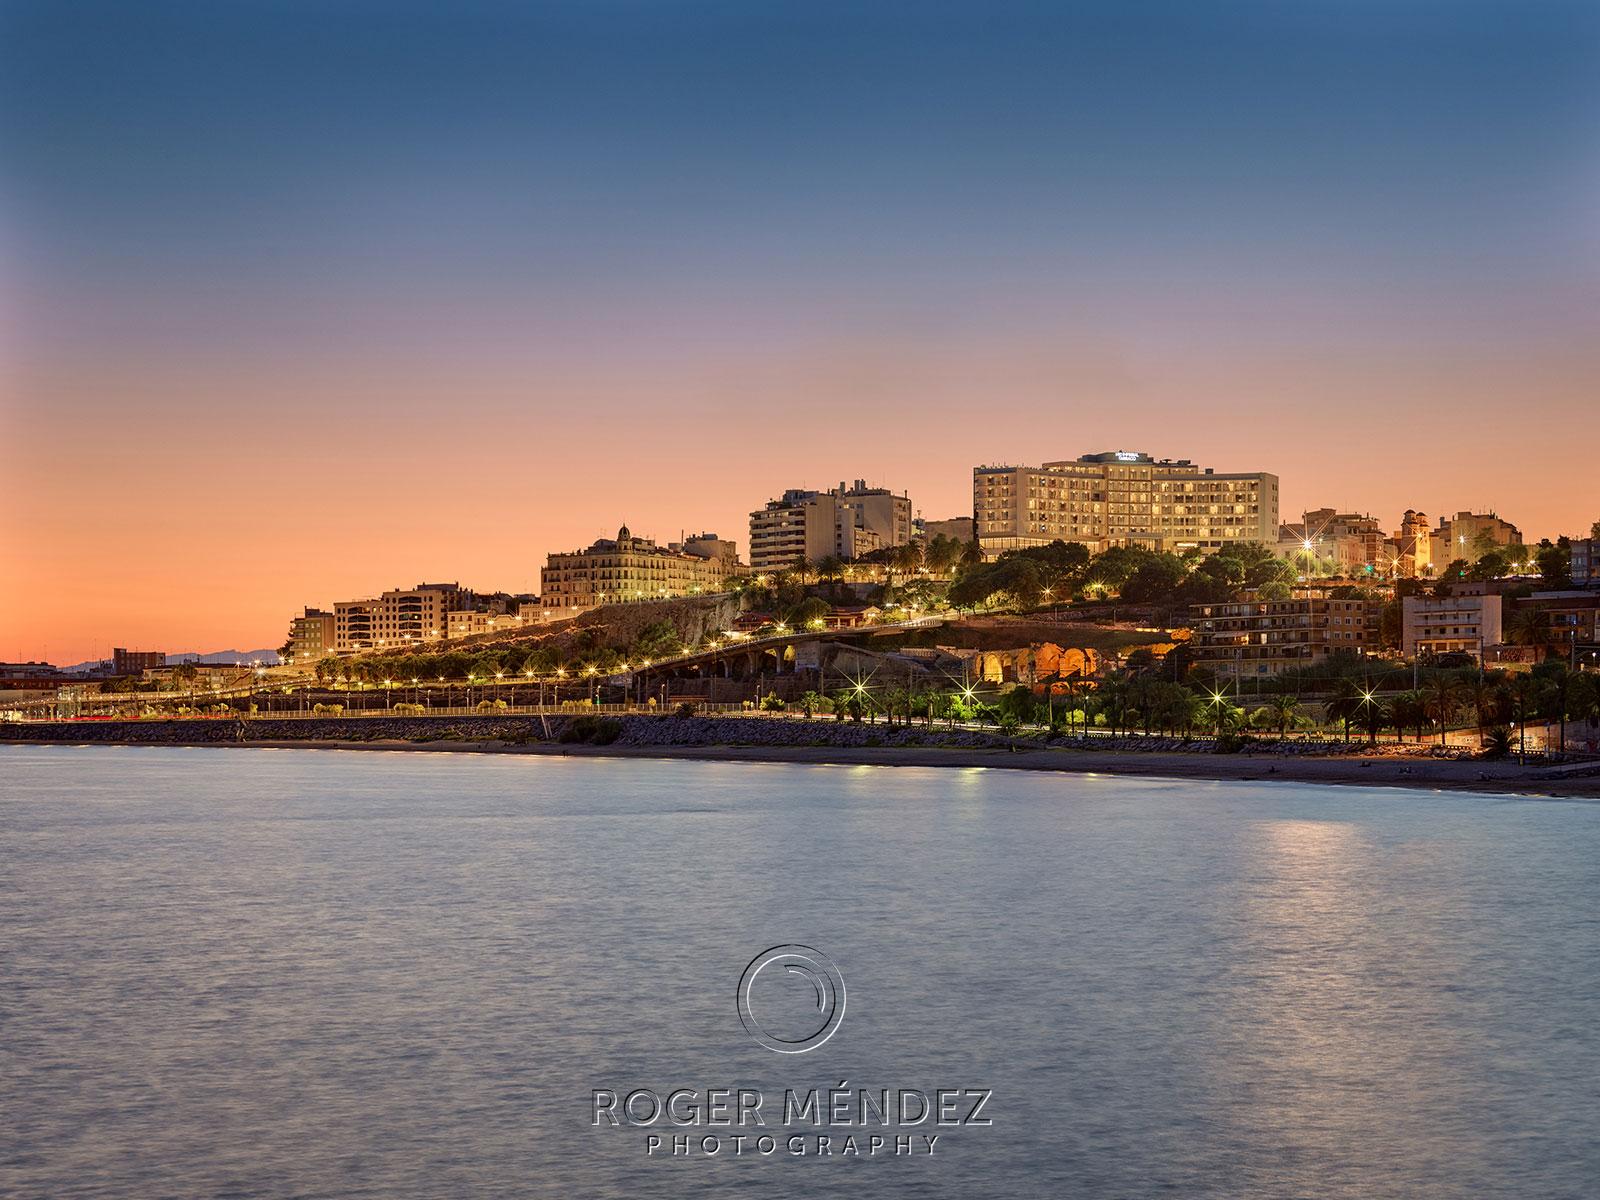 Vista del hotel H10 Imperial Tarraco desde el mar al anochecer